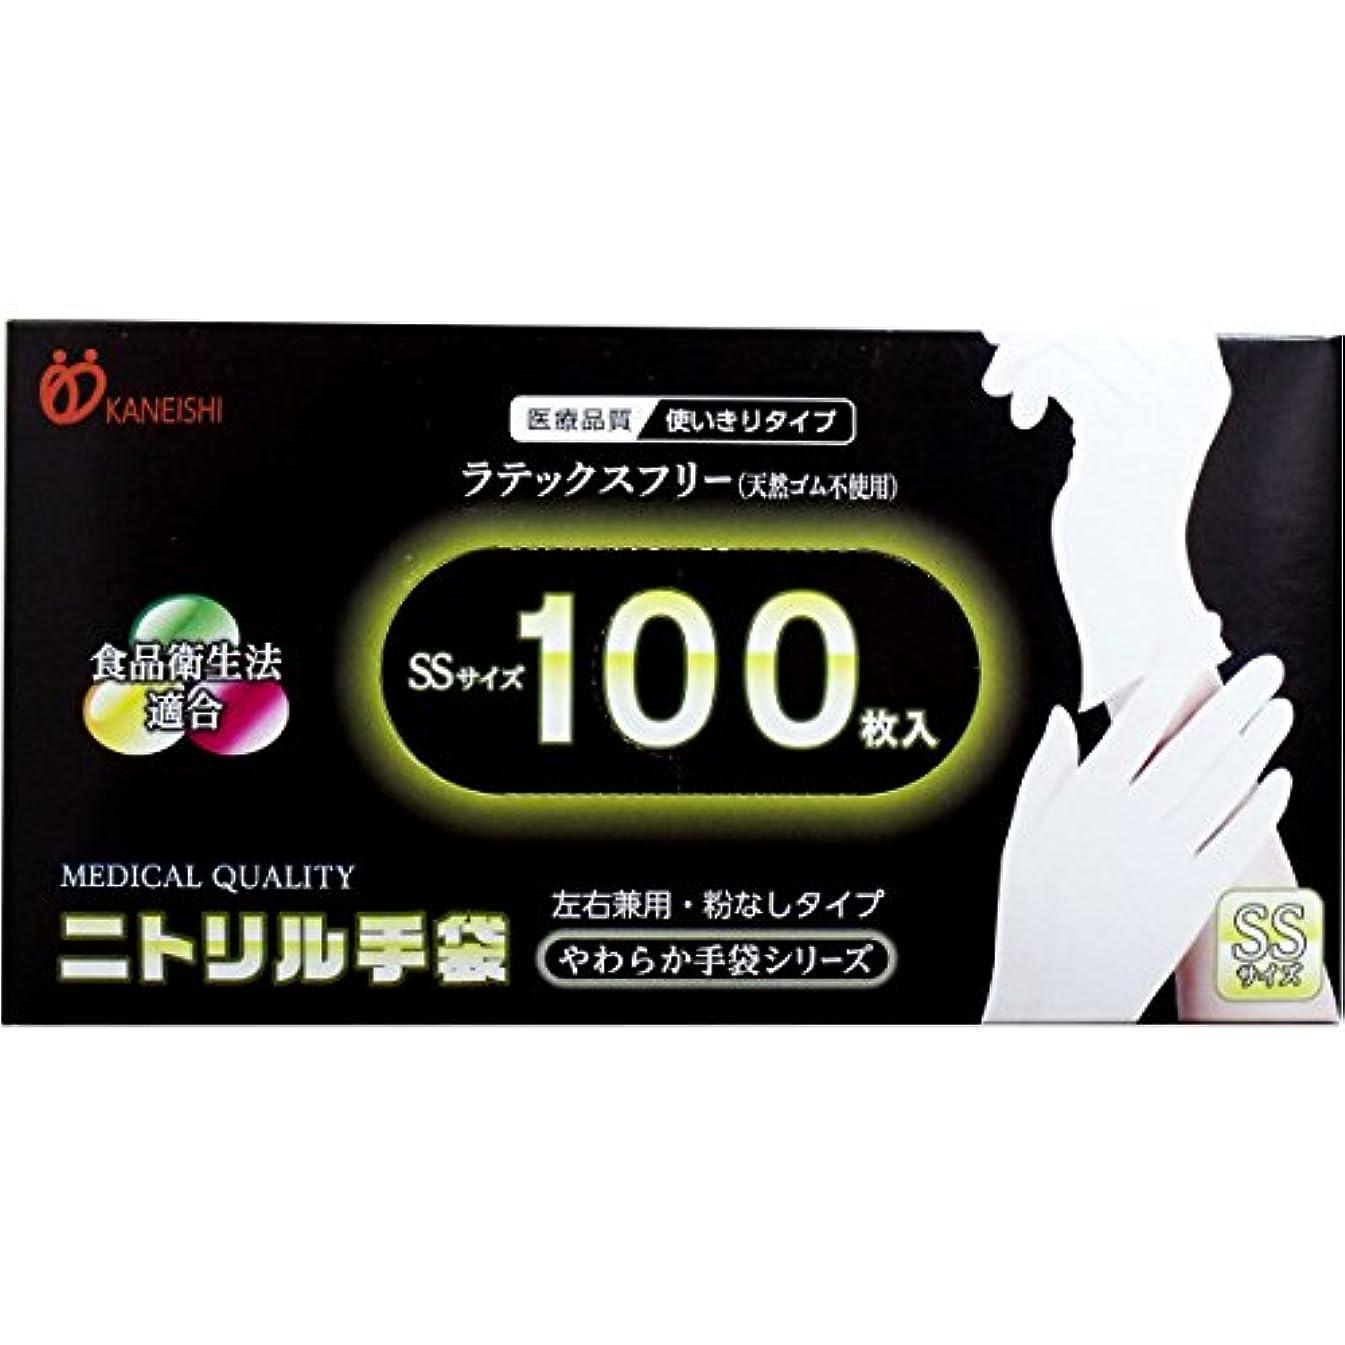 ケイ素周辺謝る[9月26日まで特価]やわらかニトリル手袋 パウダーフリー 100枚入 SSサイズ (単品)